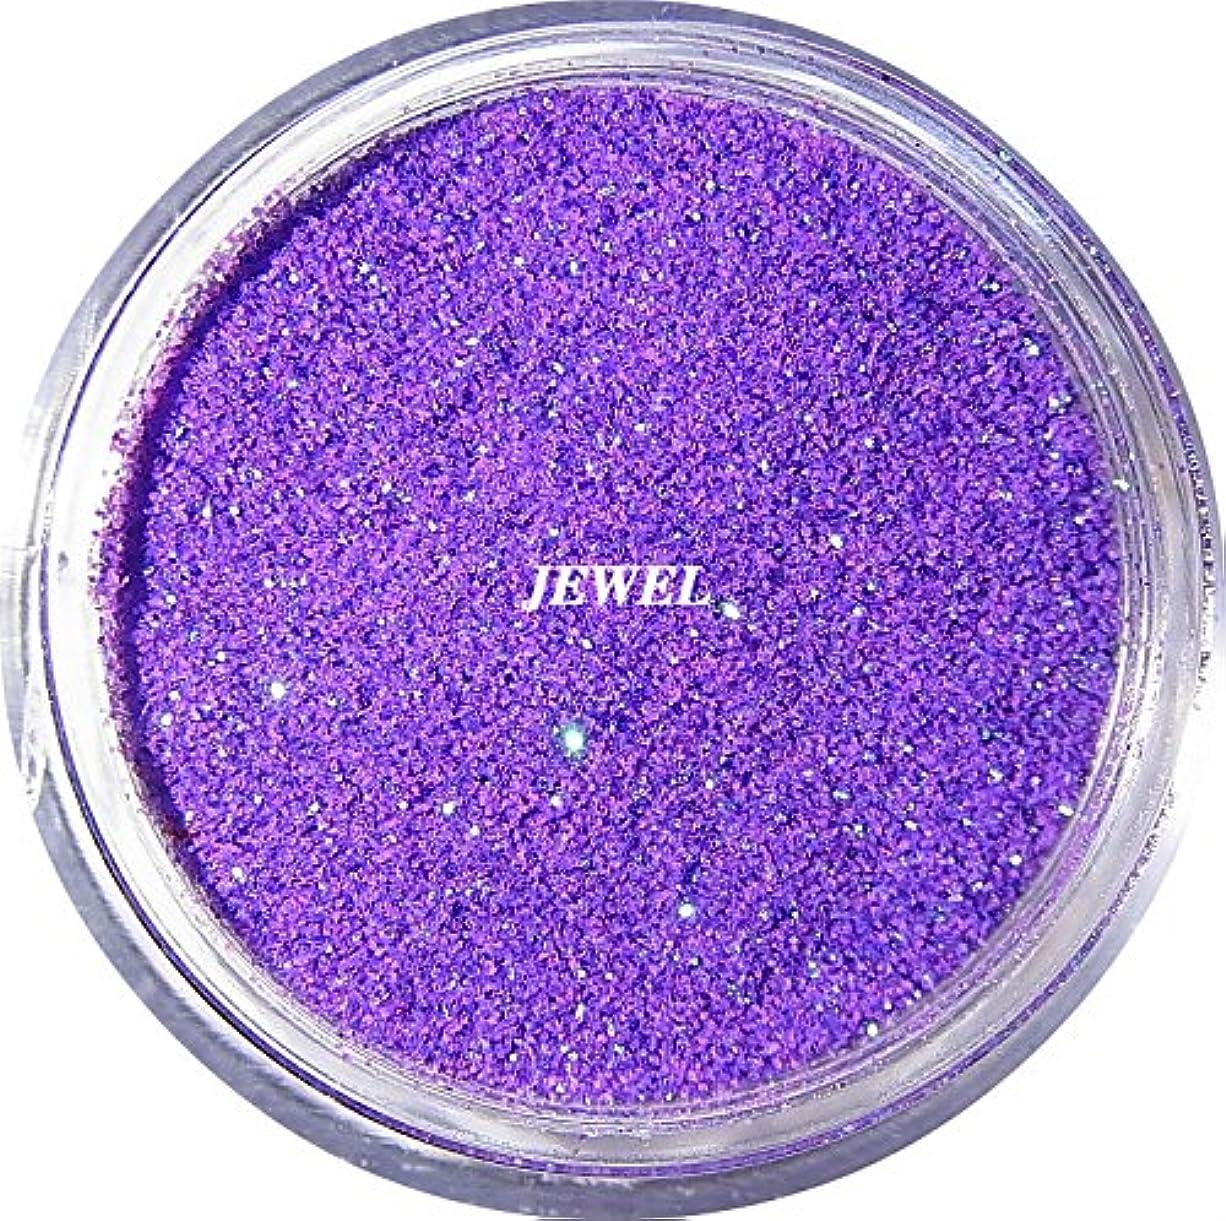 累計パイント自分の力ですべてをする【jewel】 超微粒子ラメパウダーたっぷり2g入り 12色から選択可能 レジン&ネイル用 (パープル)